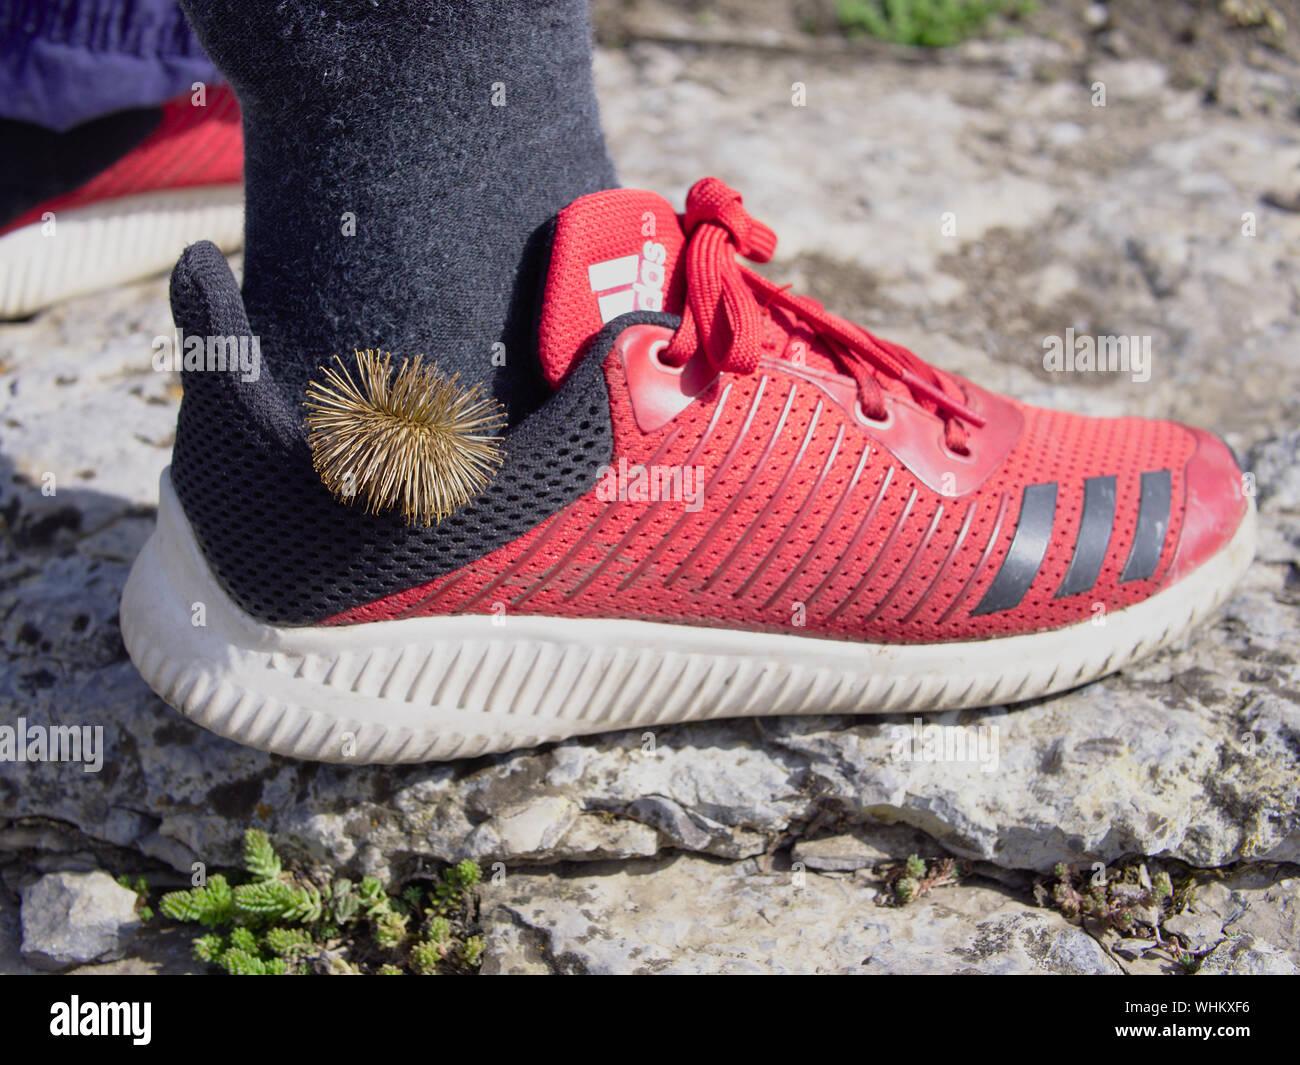 Rote Adidas Stockfotos & Rote Adidas Bilder Alamy